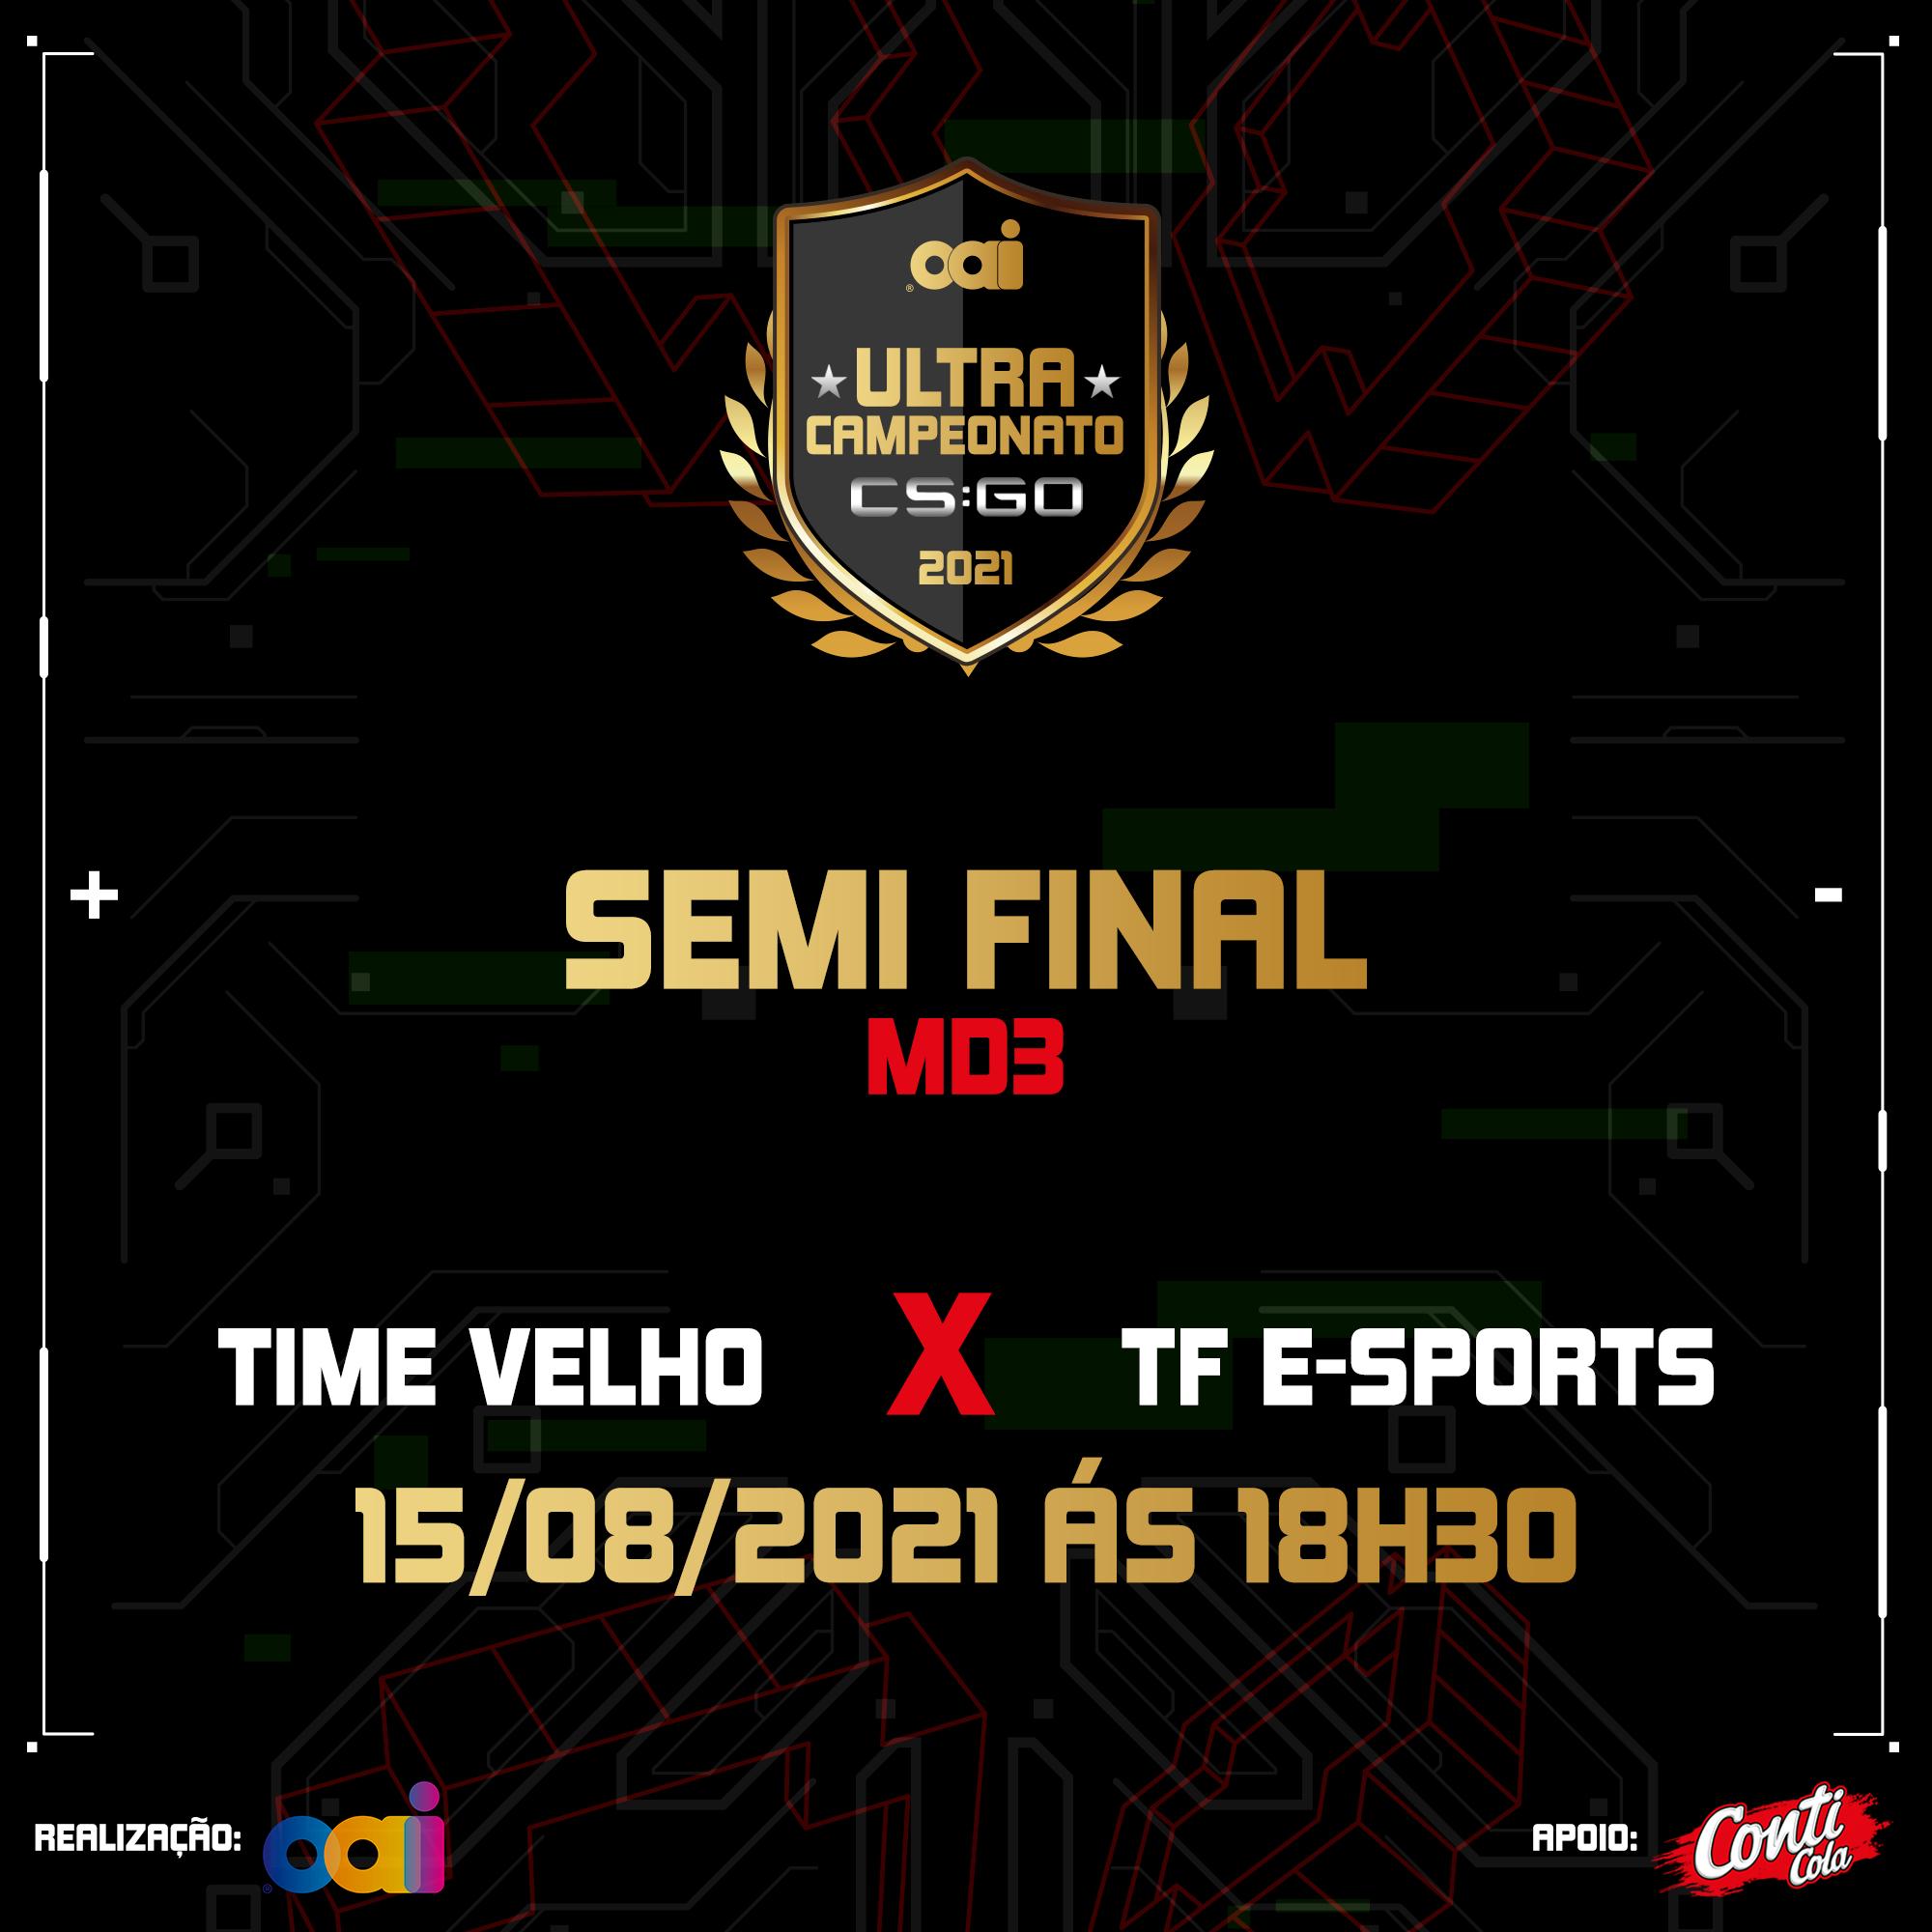 Etapa 2 da semifinal acontece no dia 15 de agosto